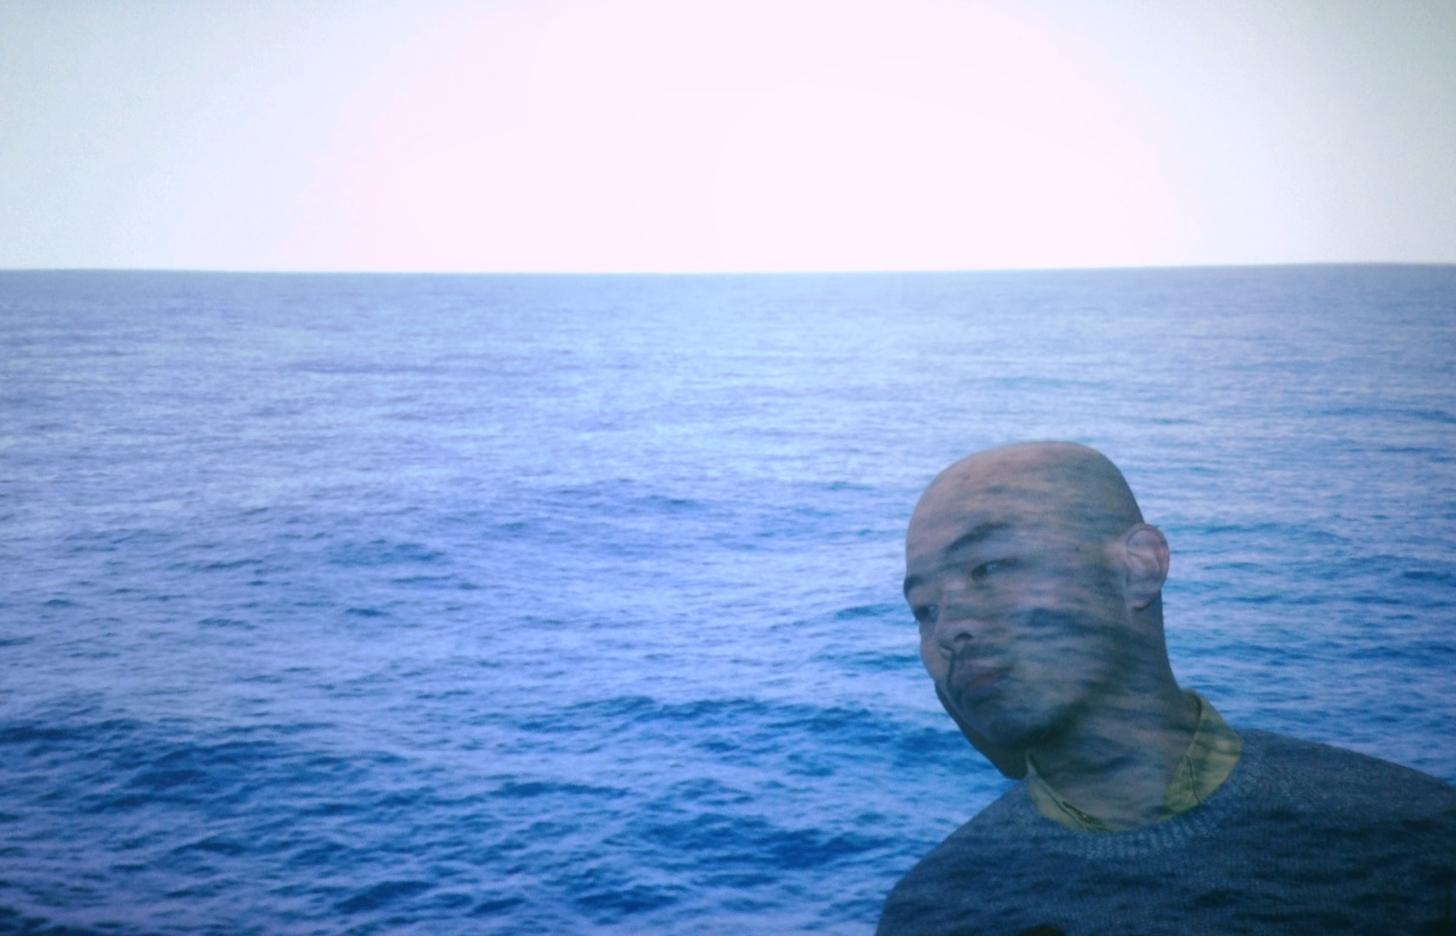 聽~~海哭的聲音